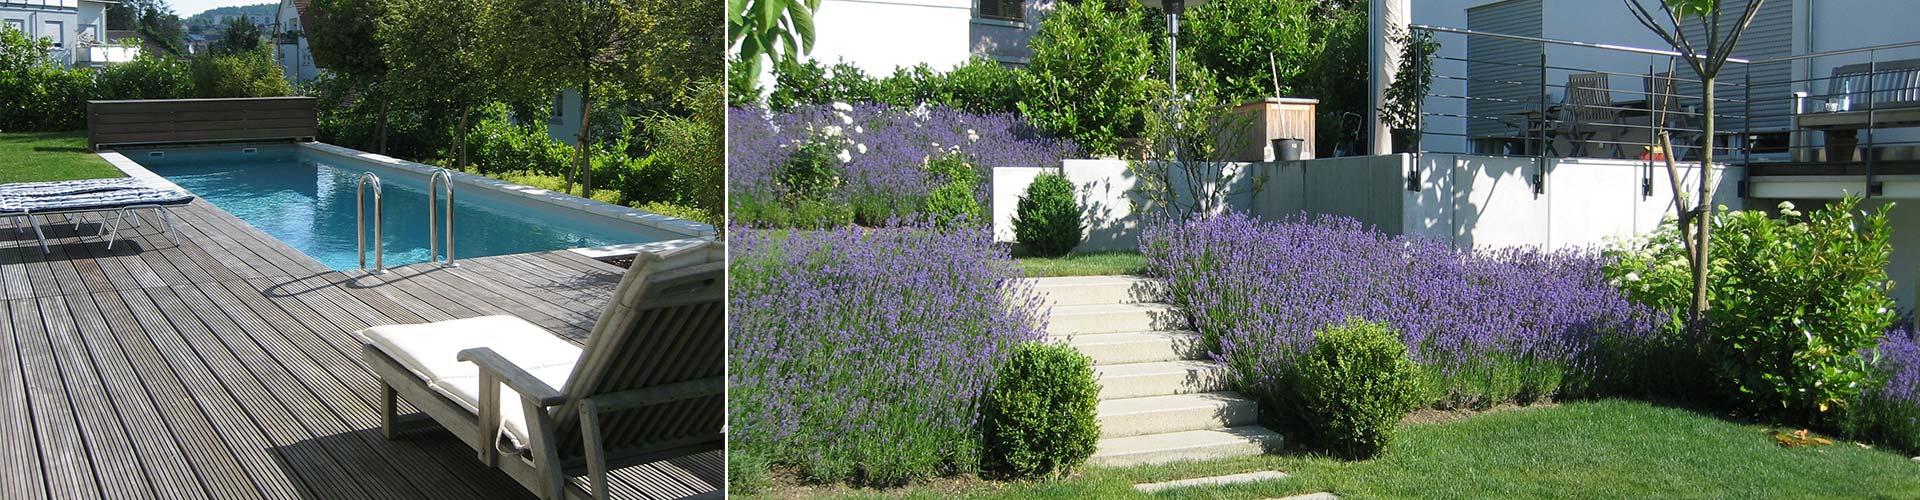 garten und au enanlagen pronatur garten landschaftsbau. Black Bedroom Furniture Sets. Home Design Ideas